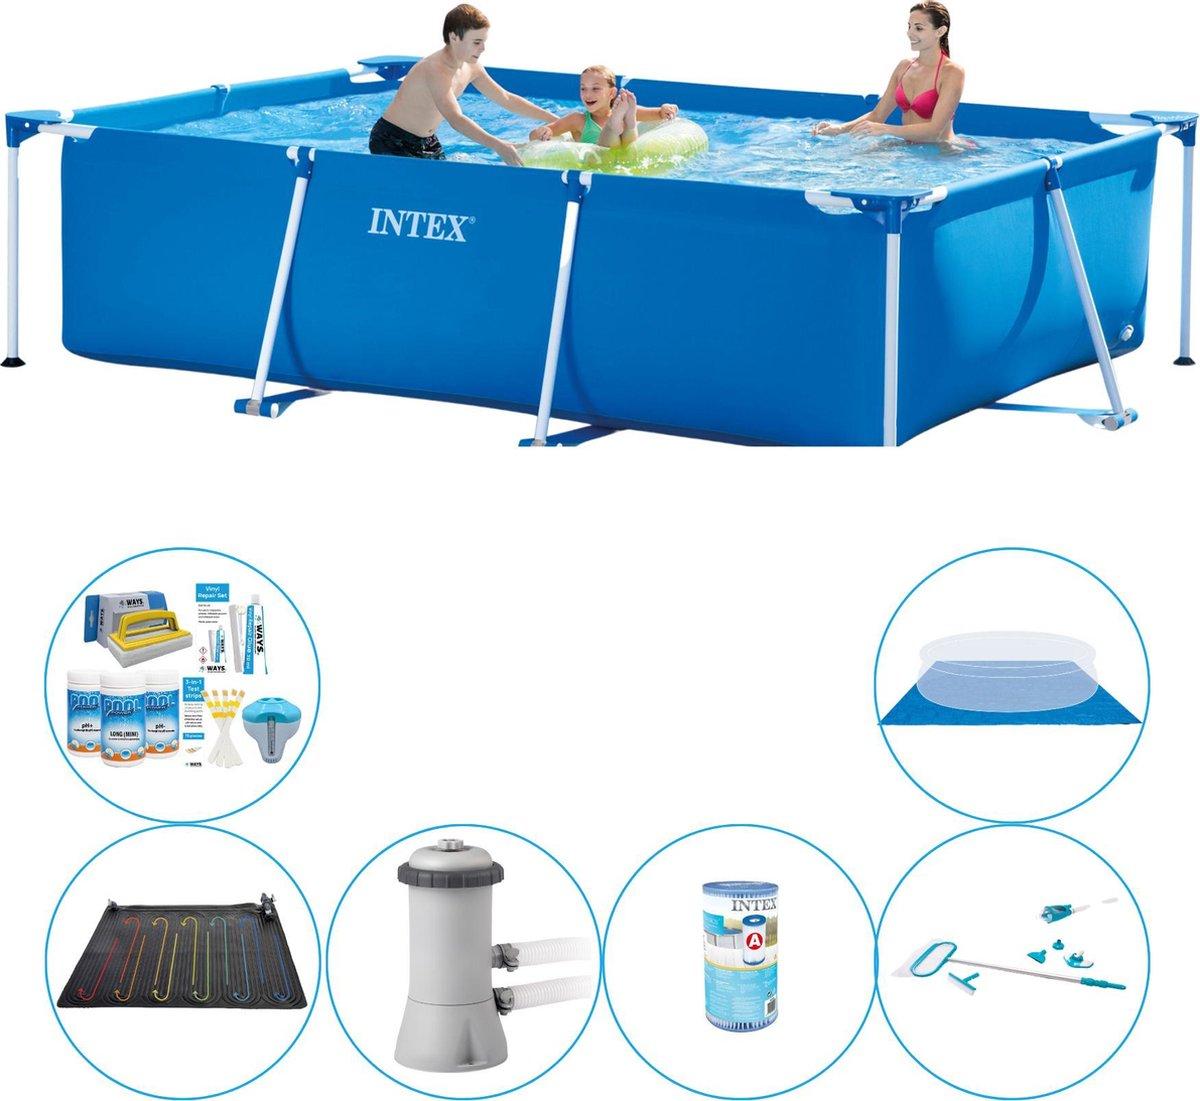 Intex Frame Pool Rechthoekig 300x200x75 cm - 7-delig - Zwembad Set